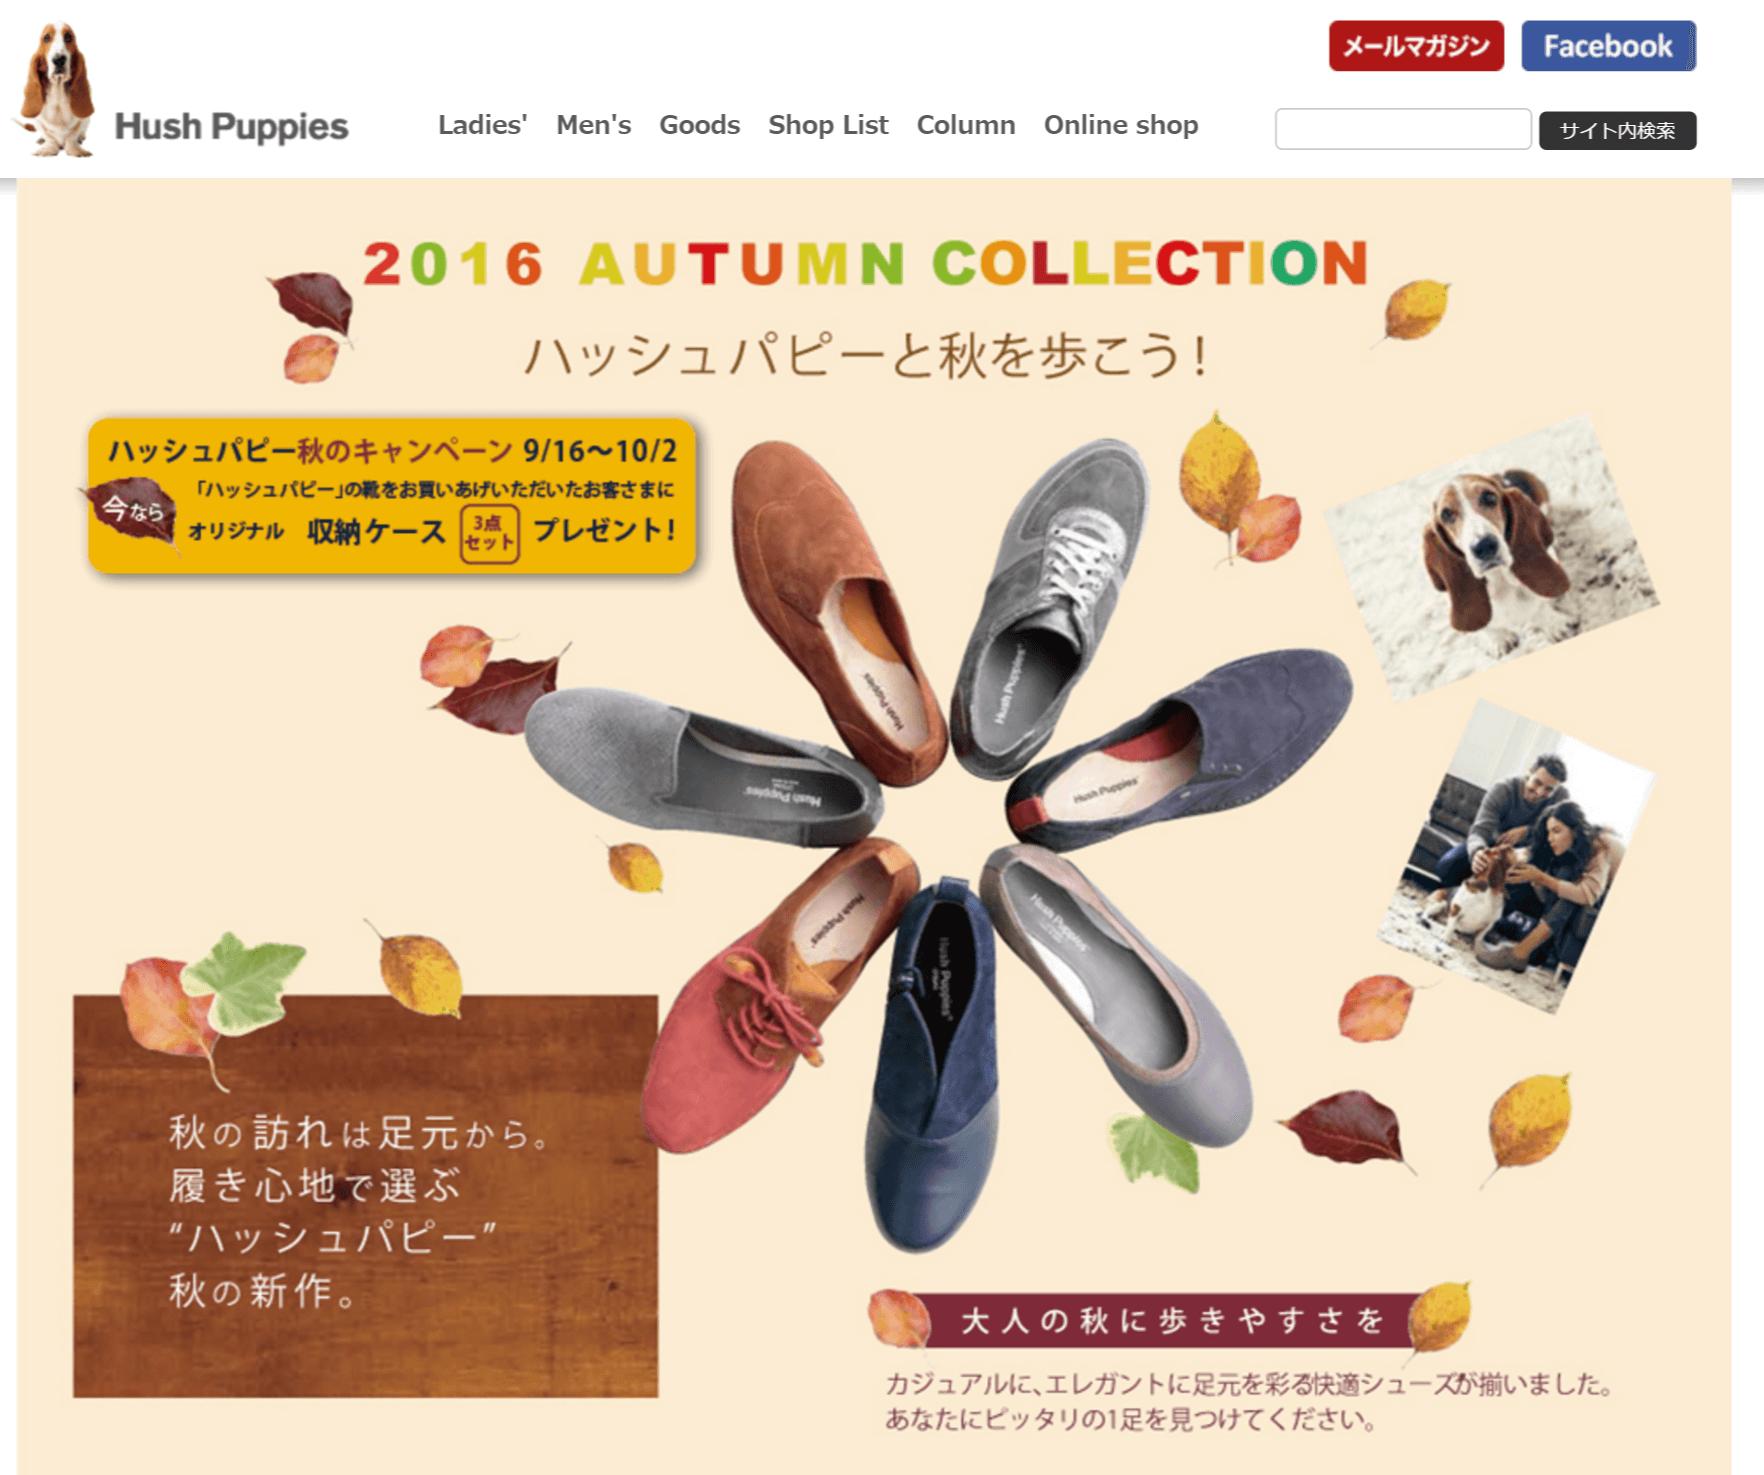 ハッシュパピー秋のキャンペーン